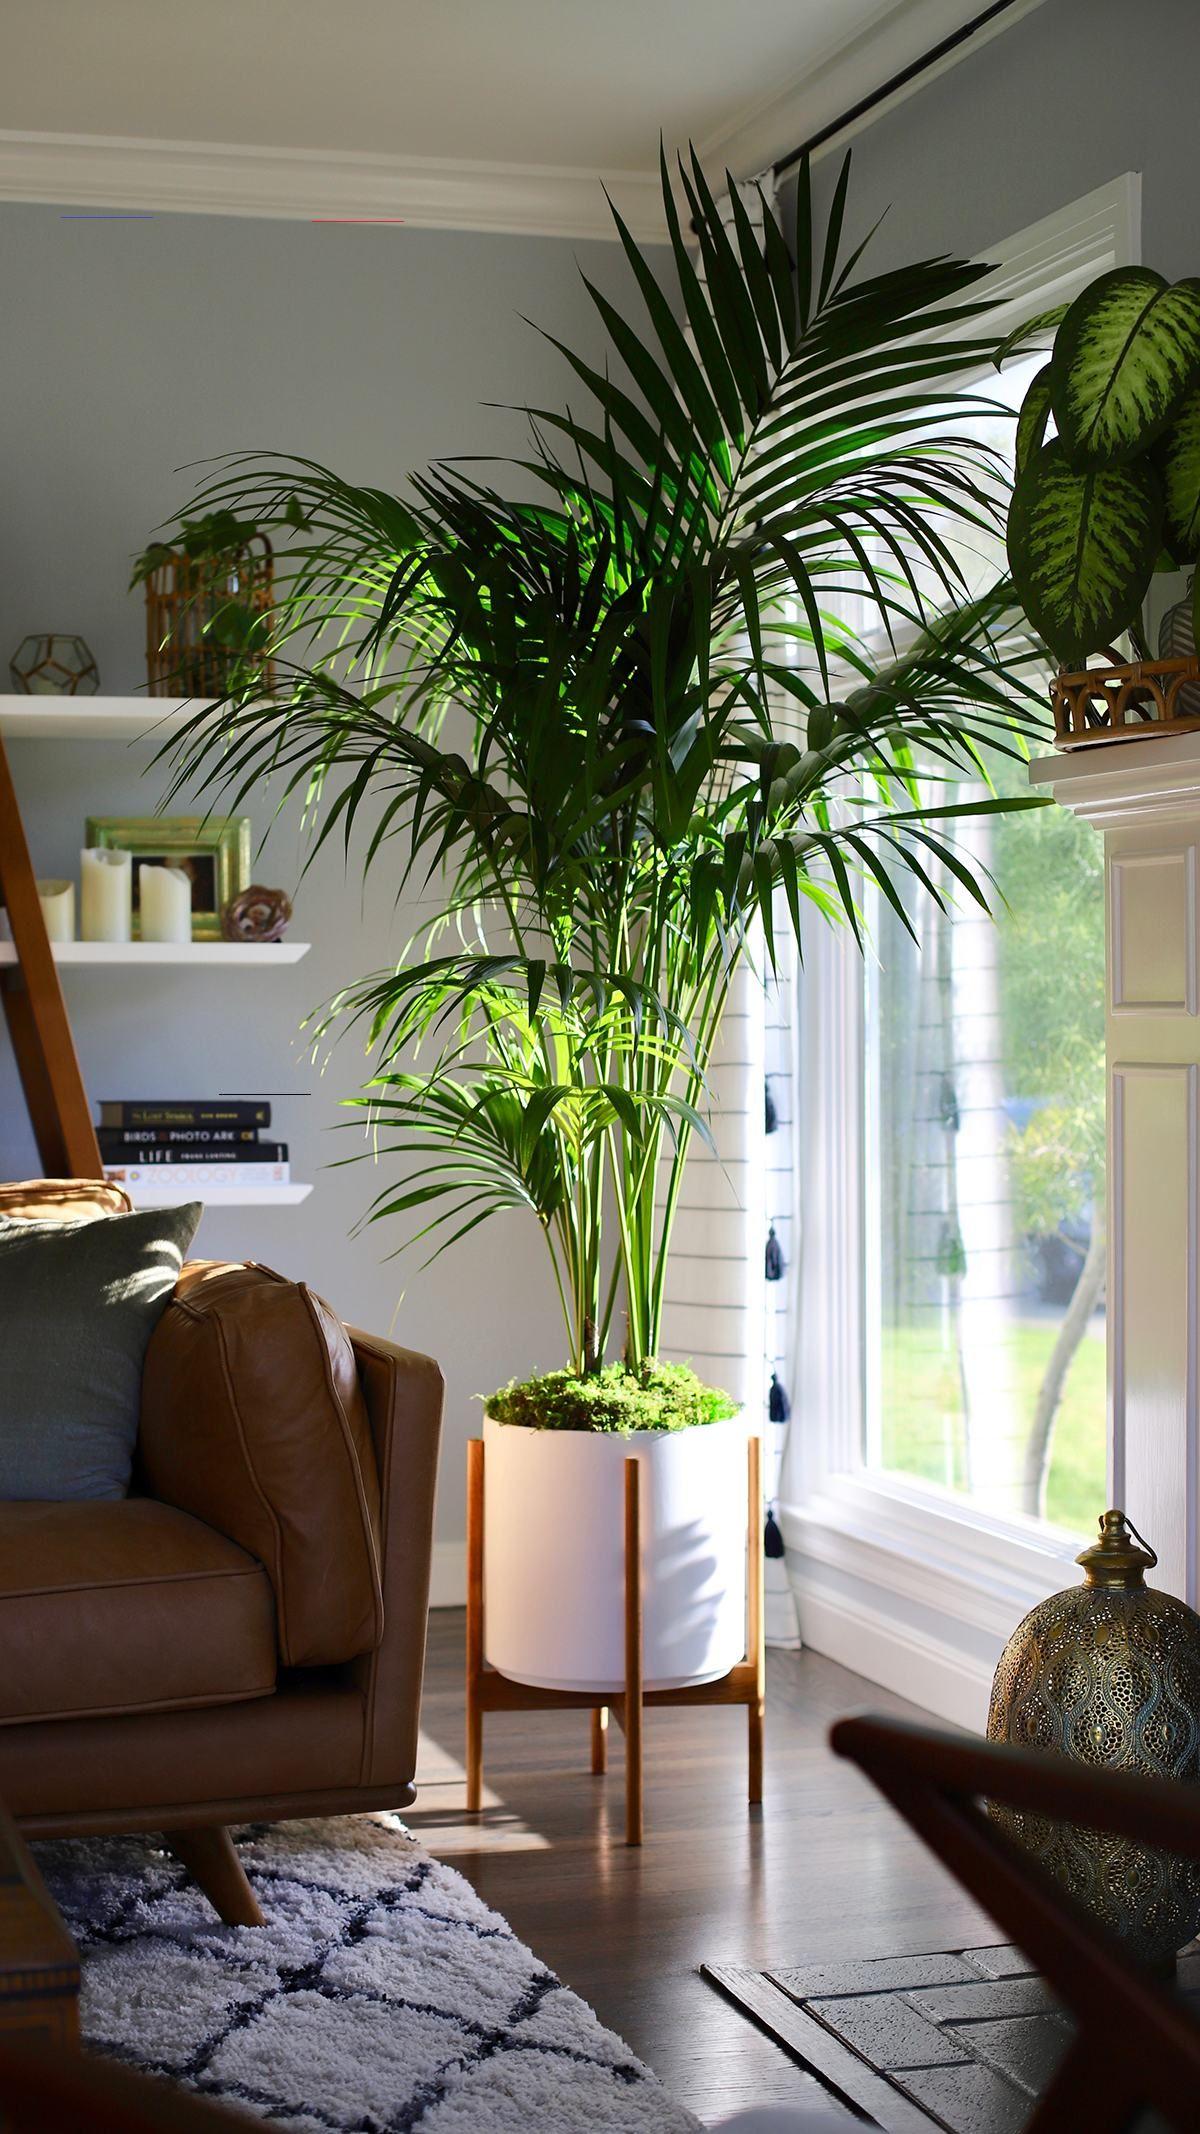 Ý tưởng điểm tô phòng khách cực xinh nhờ trang trí khung cửa sổ - Ảnh 3.